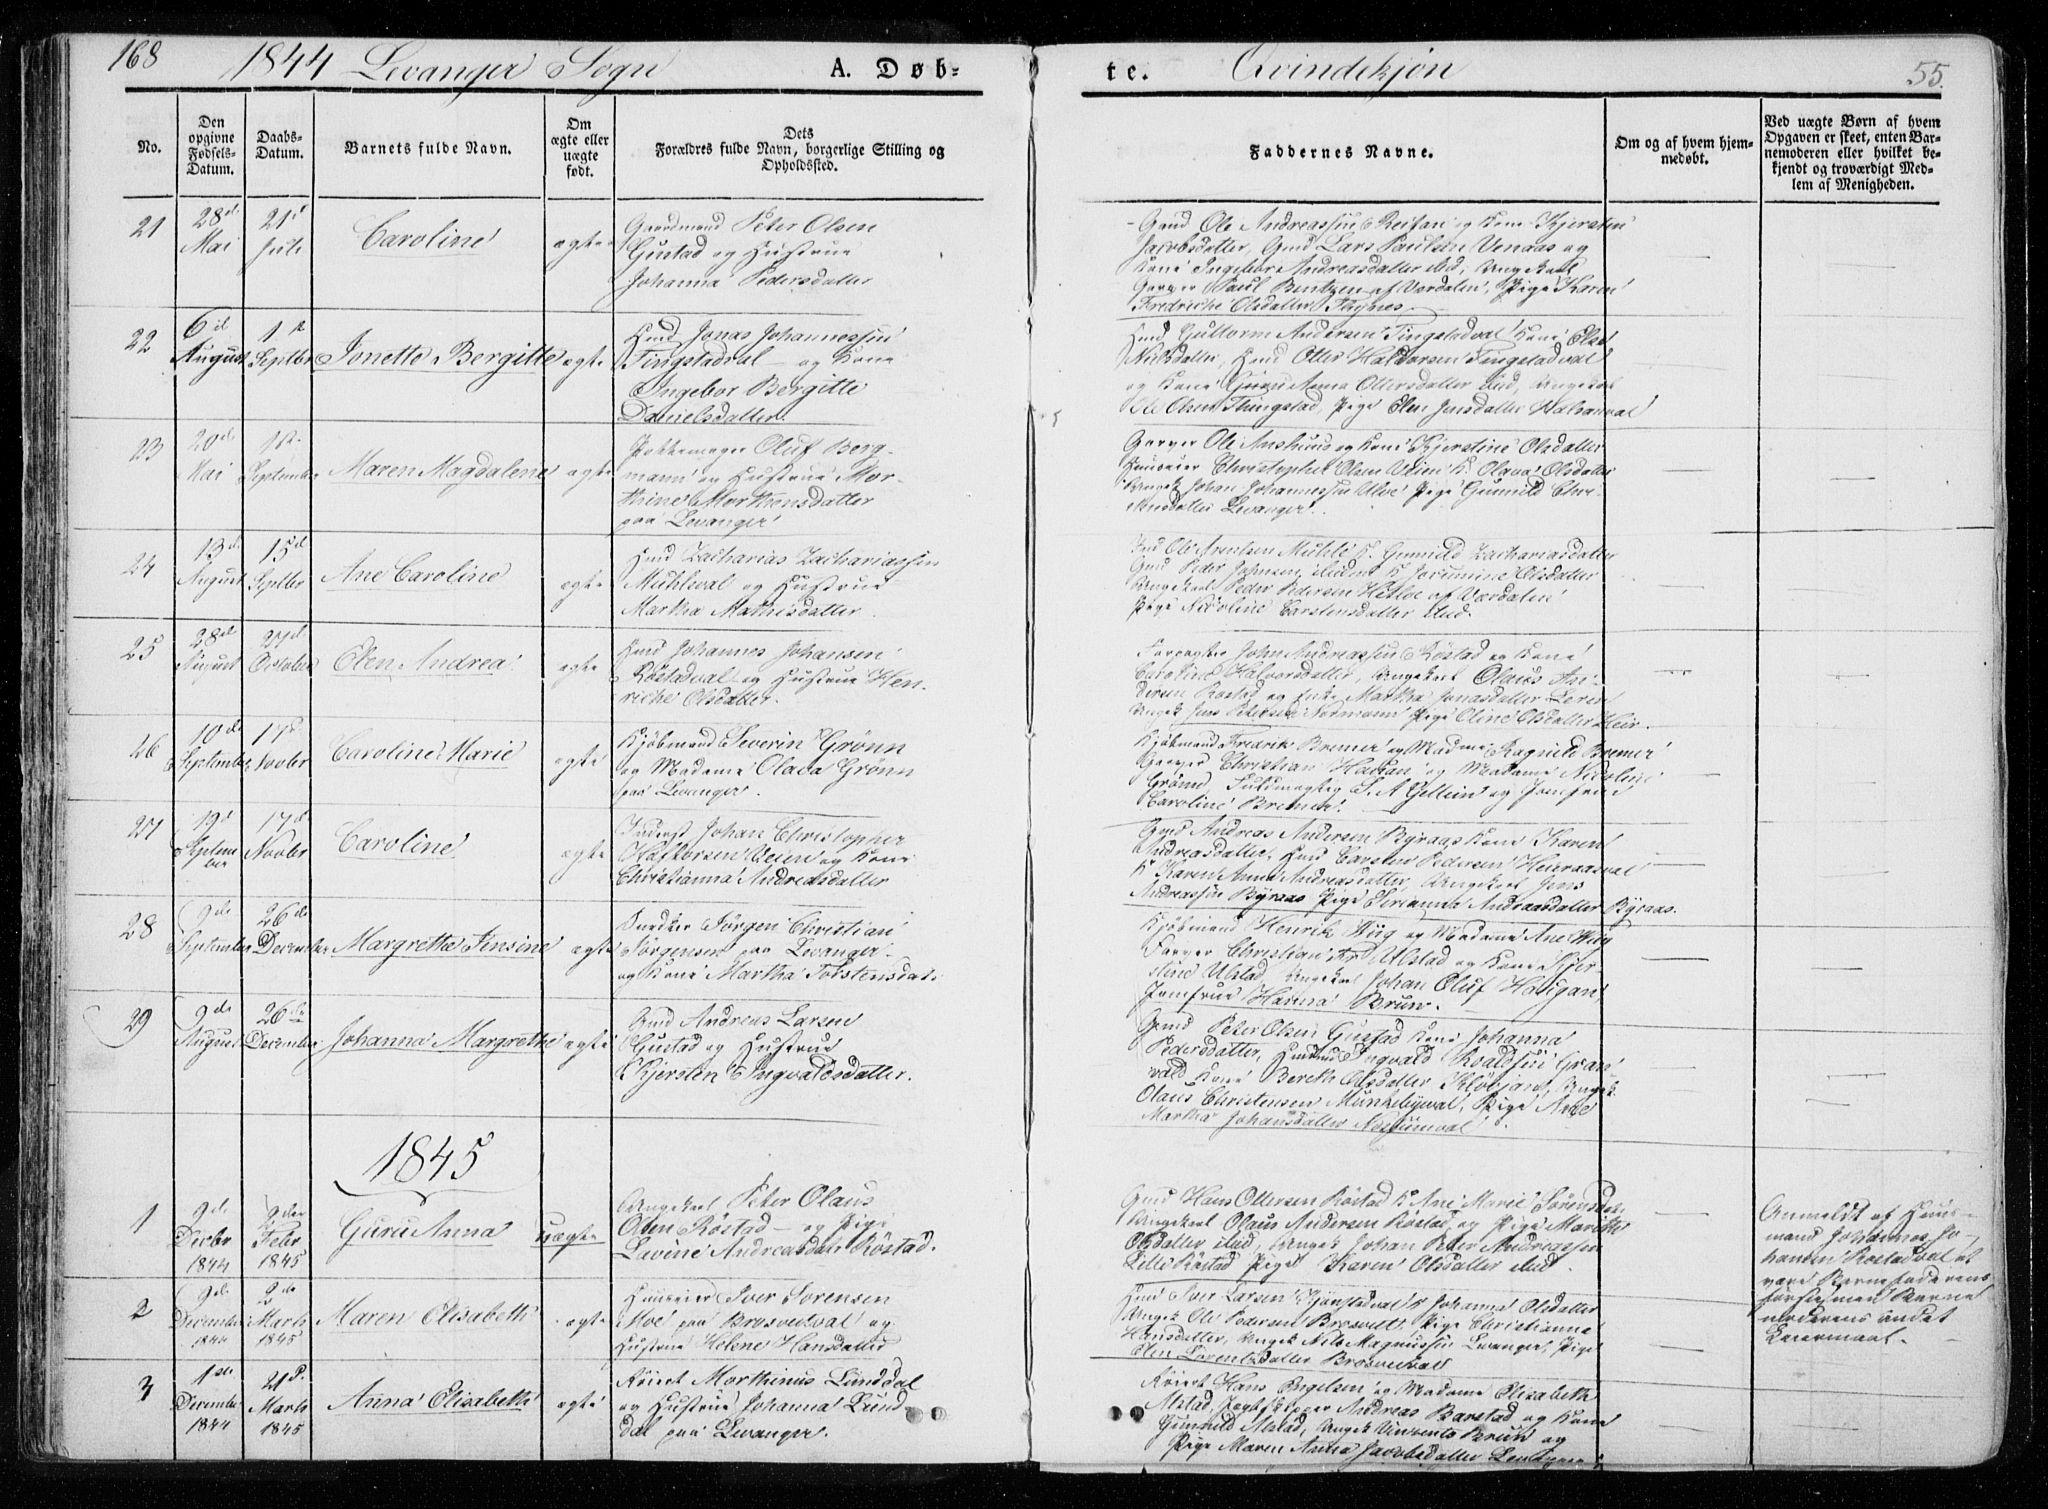 SAT, Ministerialprotokoller, klokkerbøker og fødselsregistre - Nord-Trøndelag, 720/L0183: Ministerialbok nr. 720A01, 1836-1855, s. 55